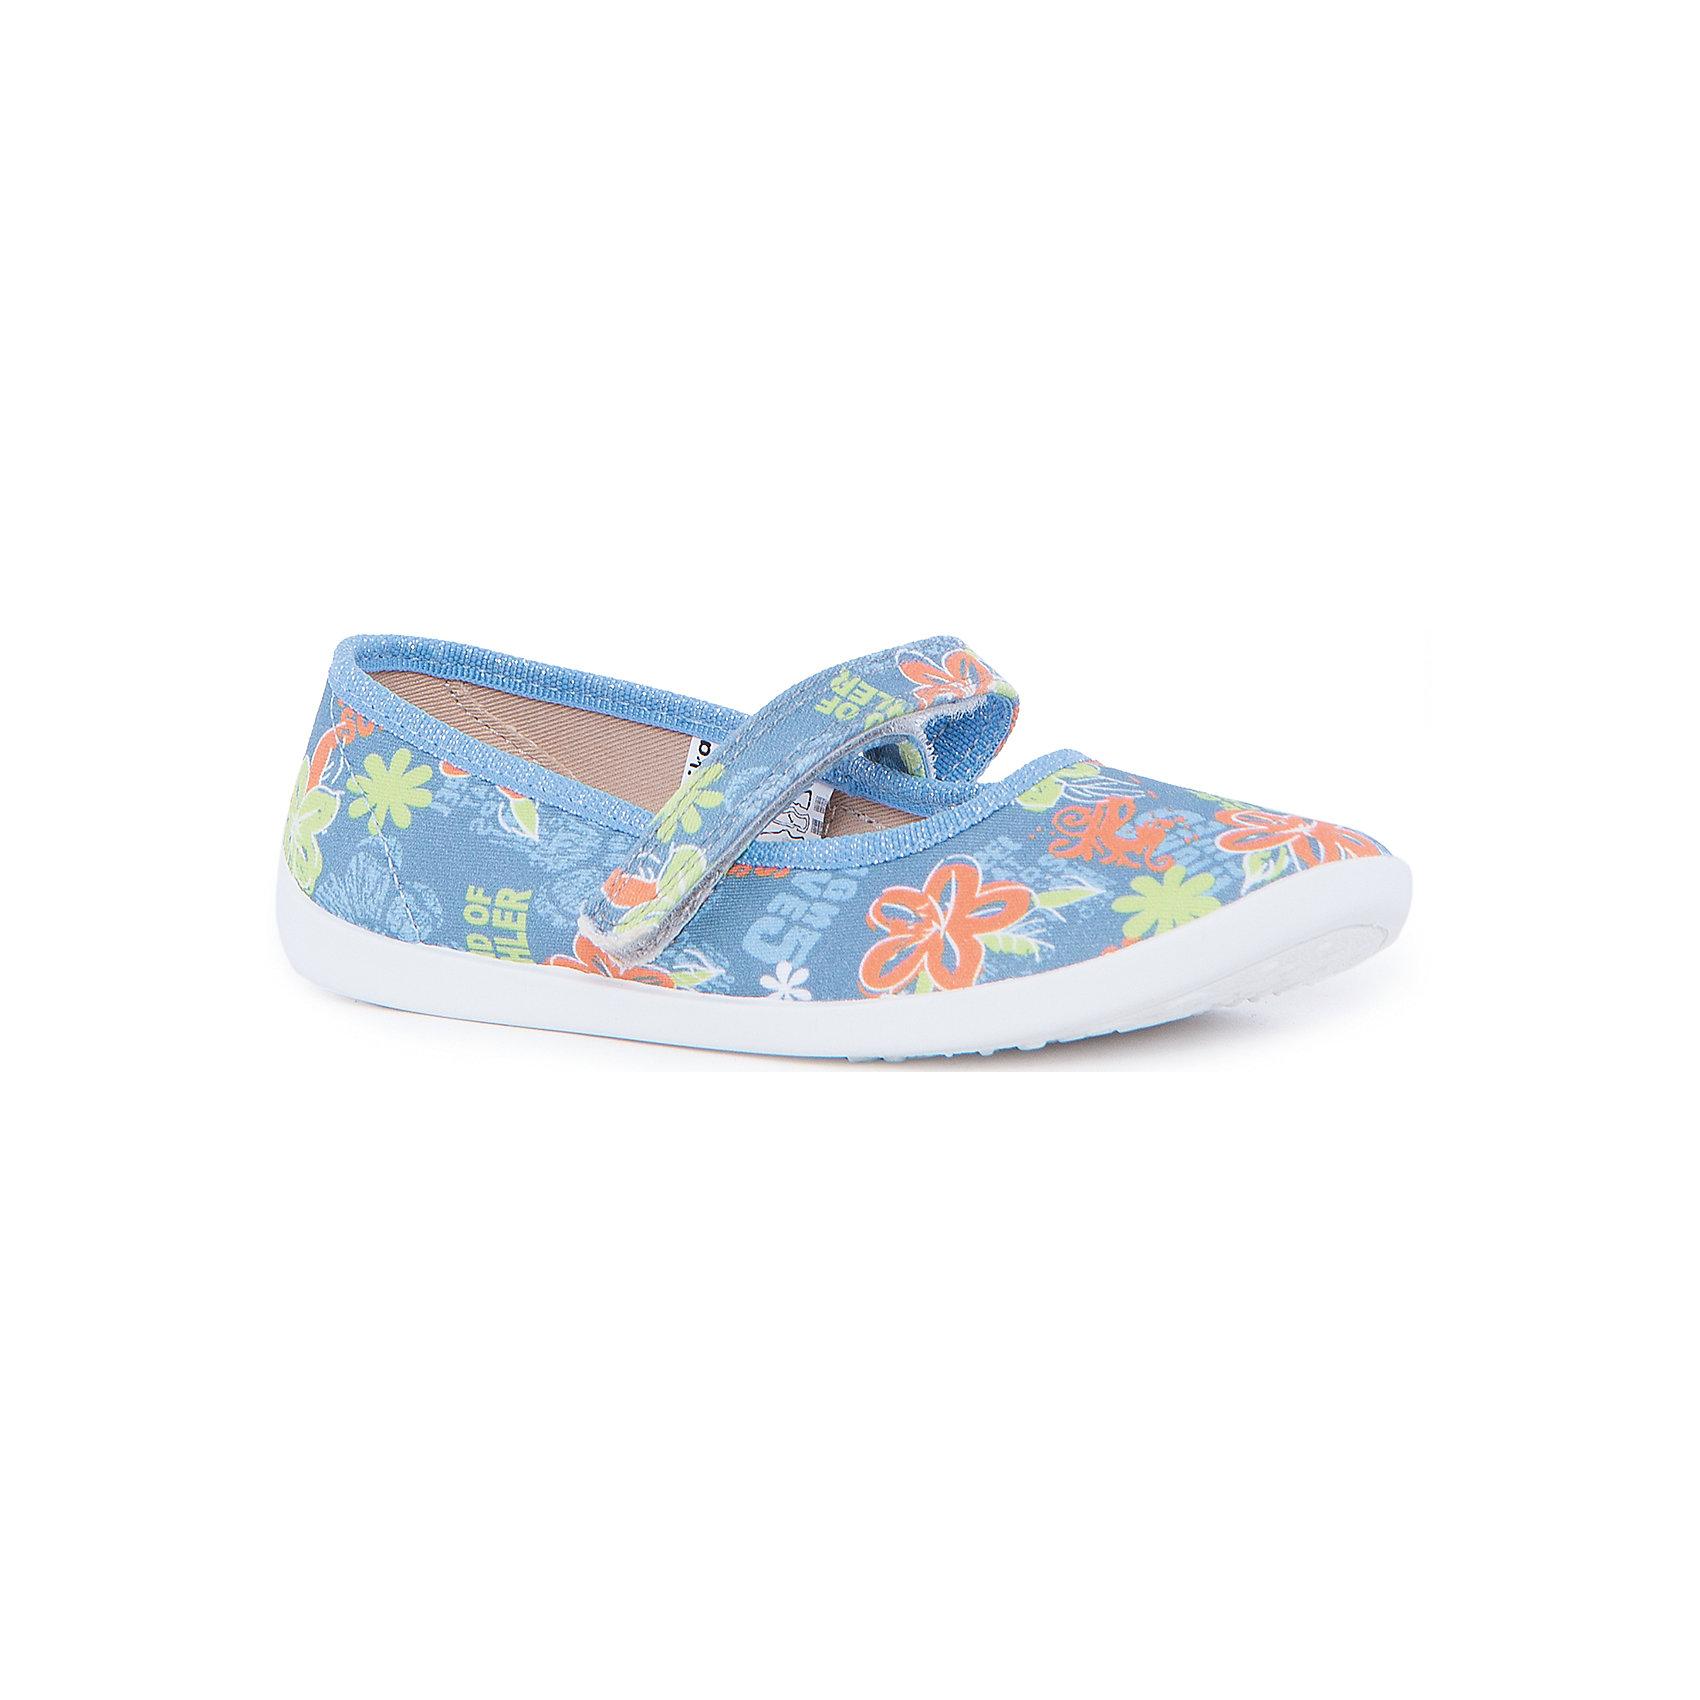 Туфли для девочки KAPIKAТуфли<br>Туфли для девочки KAPIKA станут отличным вариантом для летних прогулок. Туфельки очень удобные и не будут натирать ножки. Они не будут сковывать движение и прогулки станут особенно интересными. Порадуйте себя и свою девочкутаким замечательным подарком. <br><br>Характеристика:<br>-Цвет: голубой с рисунком<br>-Материал: верх - текстиль, стелька - кожа,                       подошва - полимер,                       подкладка - текстиль<br>-Застёжка: липучка<br>-Бренд: KAPIKA(КАПИКА)<br><br>Туфли для девочки KAPIKA  вы можете приобрести в нашем интернет- магазине.<br><br>Ширина мм: 227<br>Глубина мм: 145<br>Высота мм: 124<br>Вес г: 325<br>Цвет: синий<br>Возраст от месяцев: 108<br>Возраст до месяцев: 120<br>Пол: Женский<br>Возраст: Детский<br>Размер: 33,34,35,30,31,32<br>SKU: 4987747